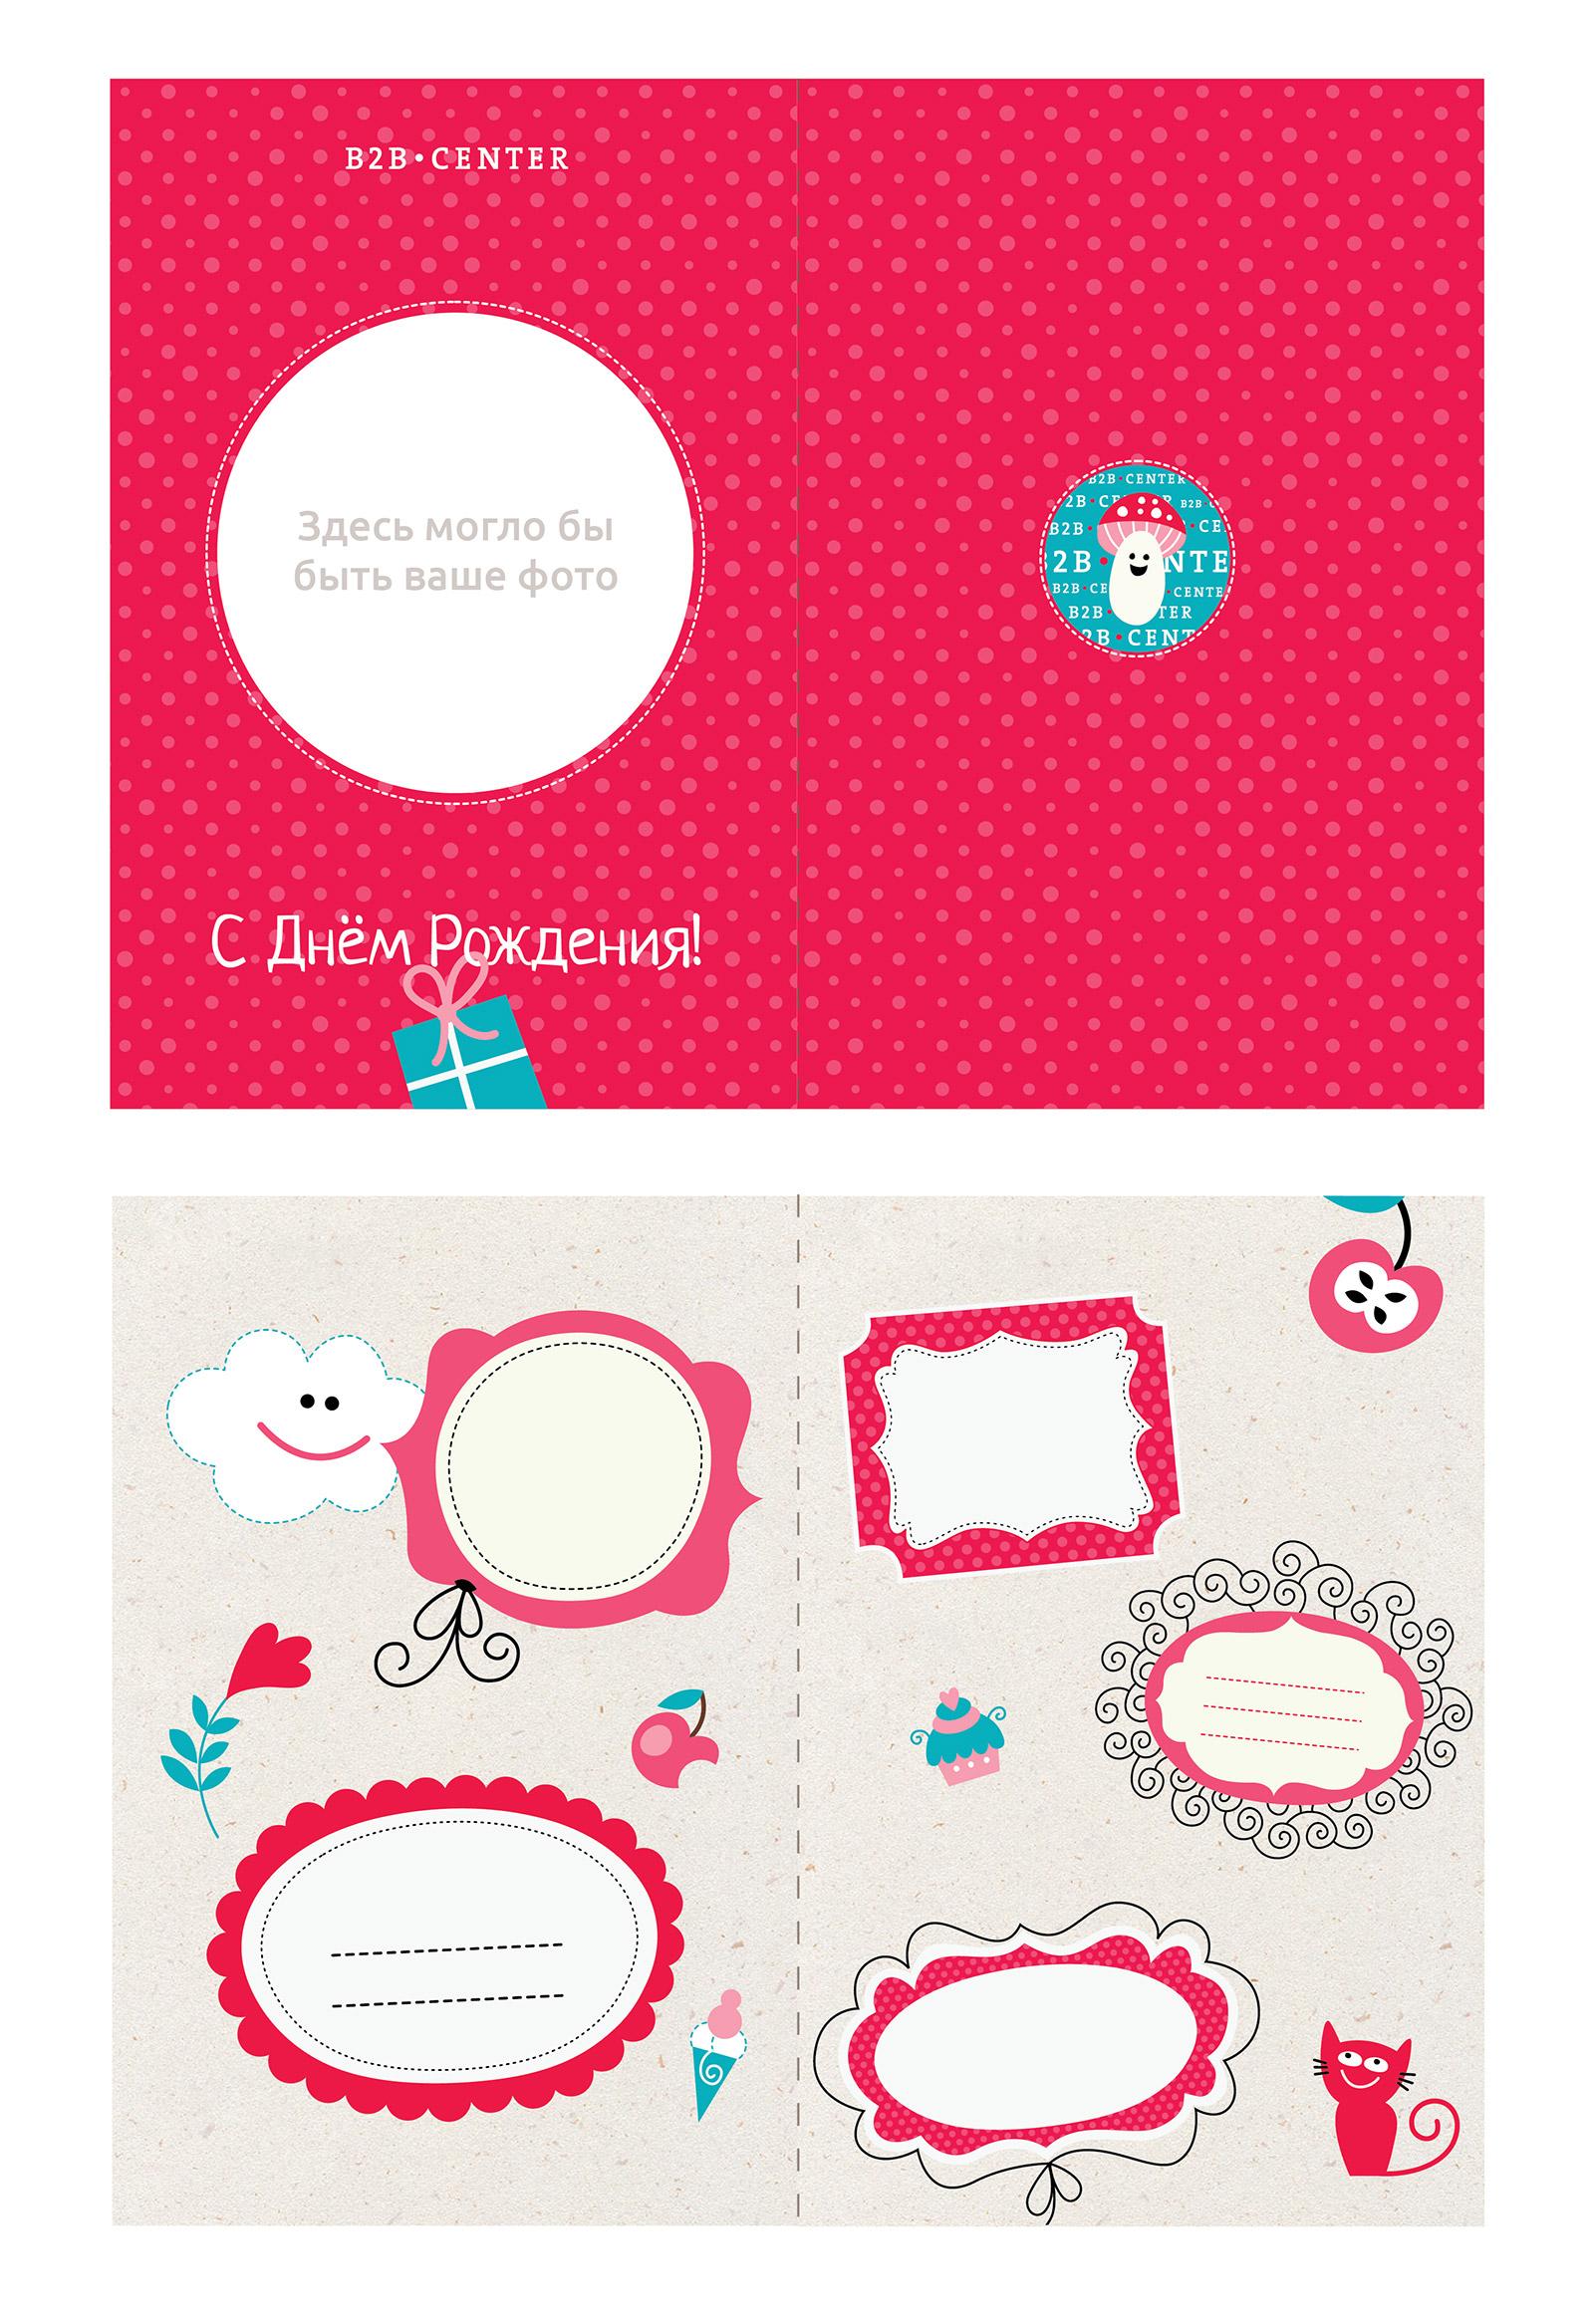 Поздравительная открытка для сотрудников B2B-Center